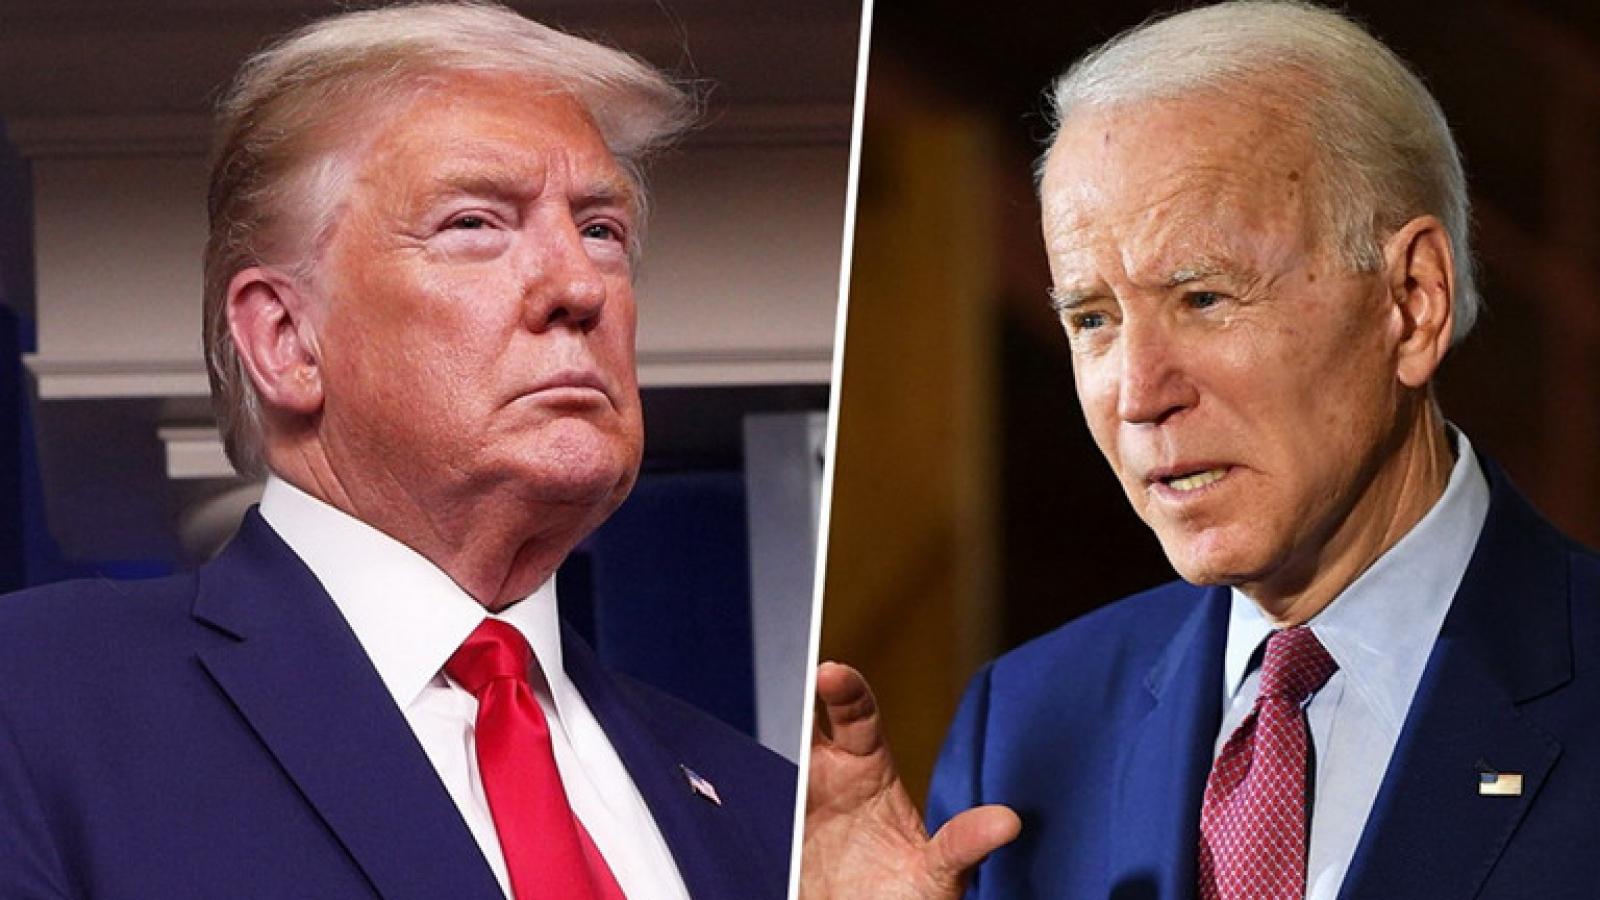 Bầu cử Mỹ: Biden đạt mốc Hillary chưa từng chạm tới khi so với Trump